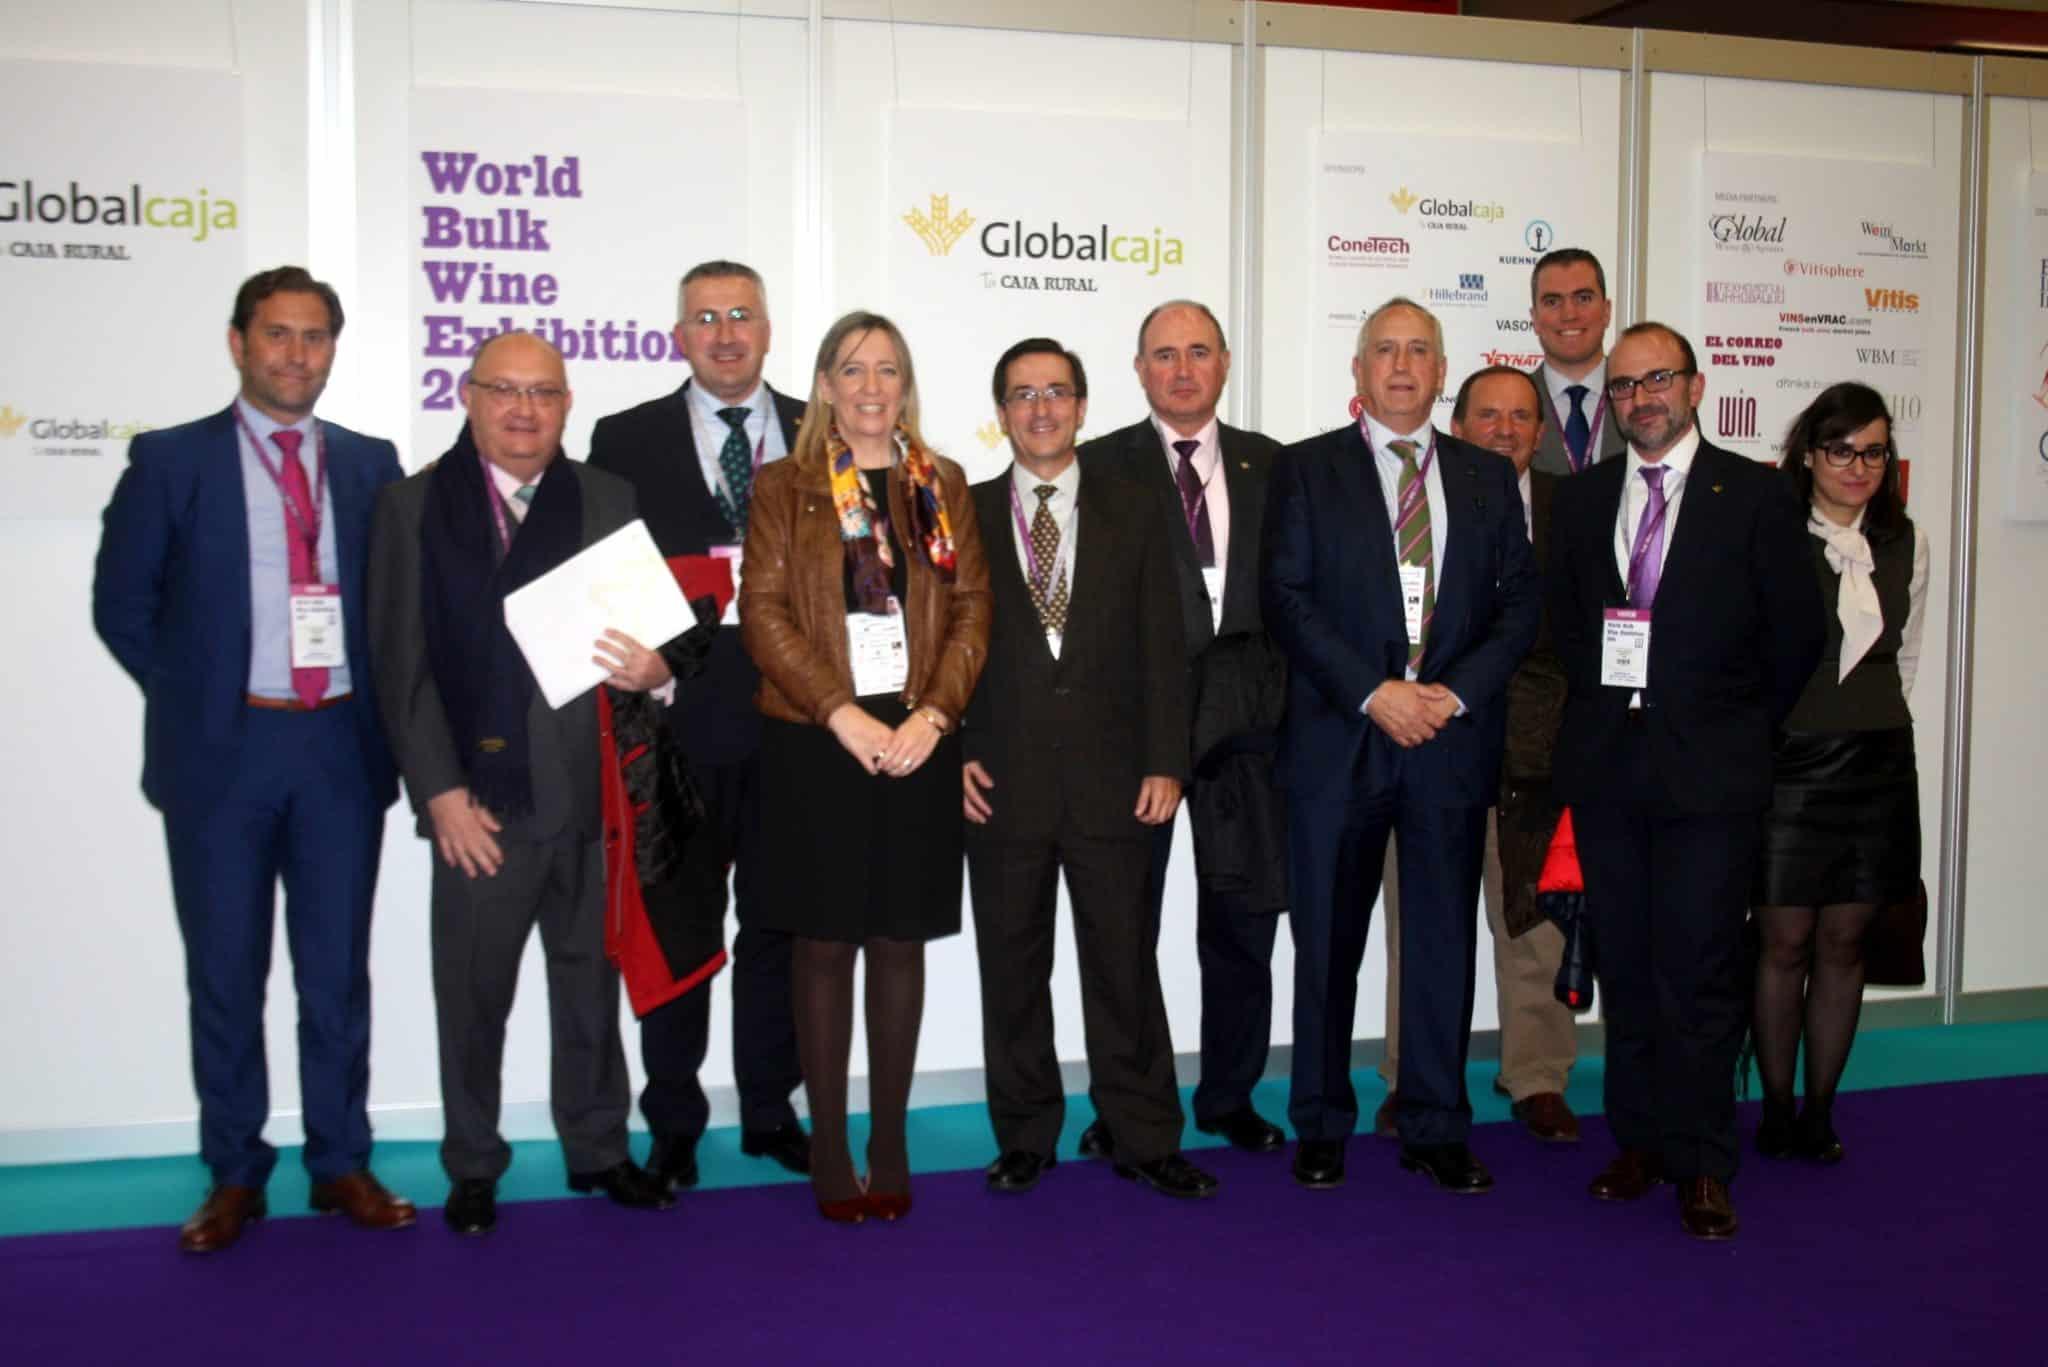 El vino de Castilla La Mancha, en la 'primera división' mundial de caldos en la World Bulk Wine Exhibition